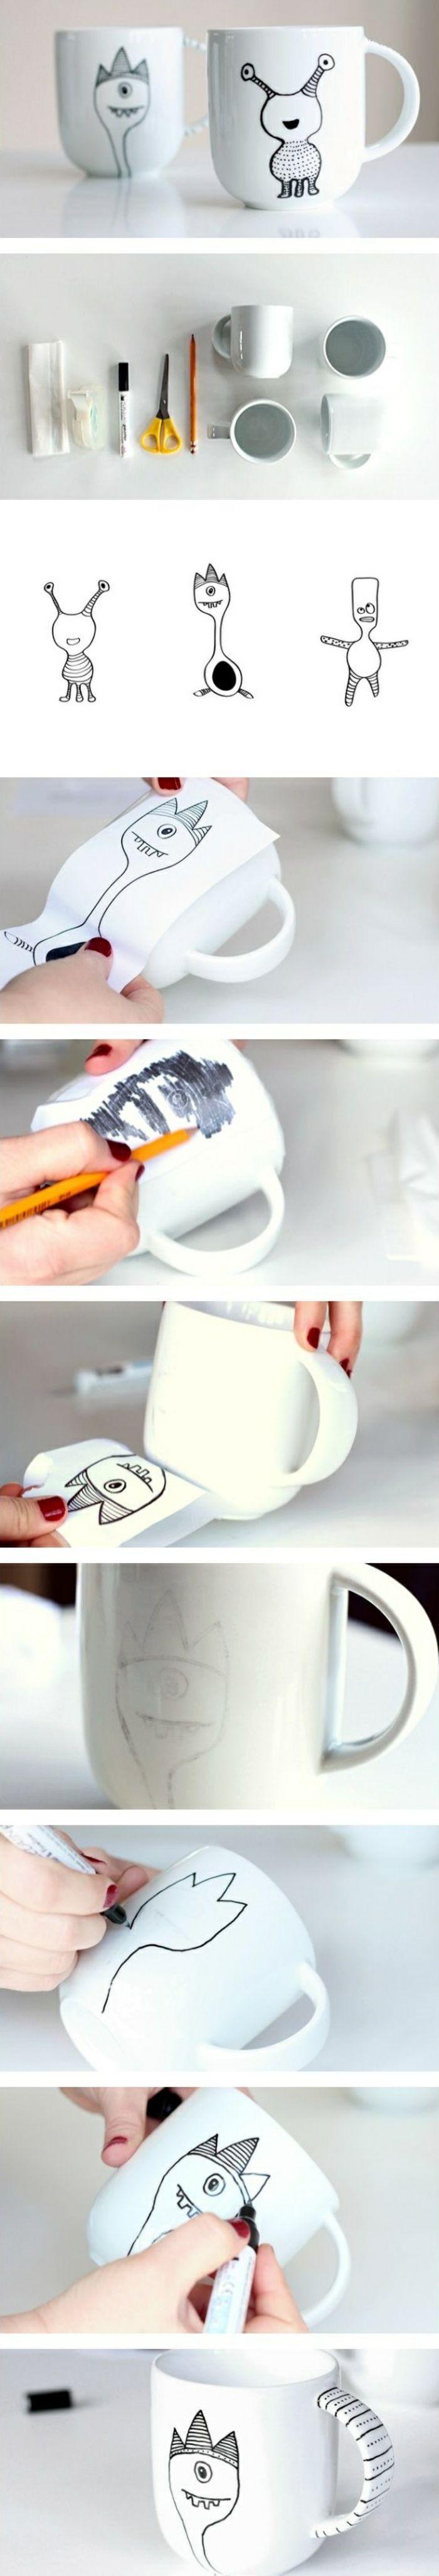 Comment faire un mug personnalisé à soi-même